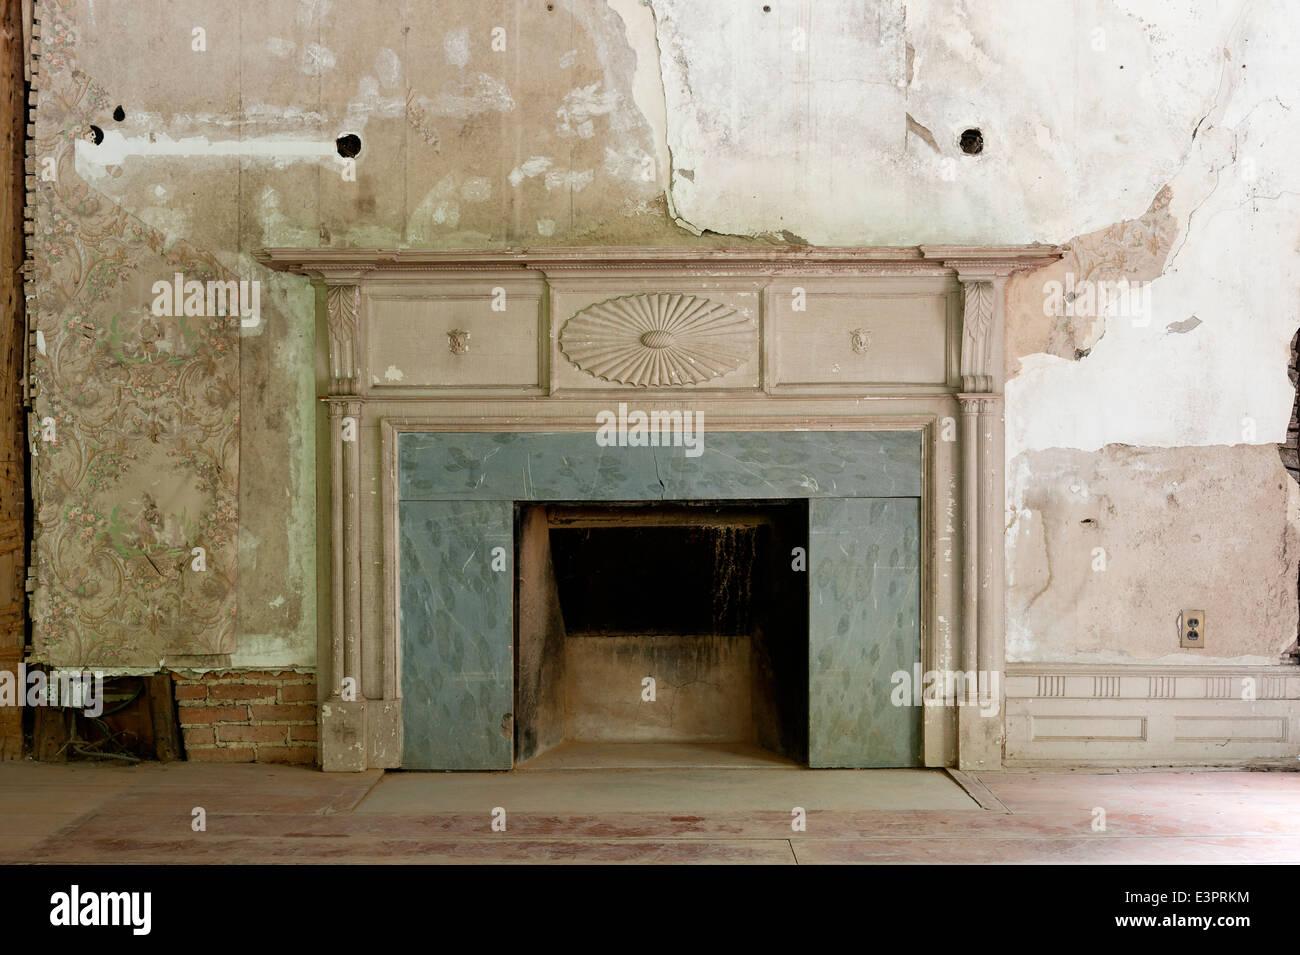 Des Murs En Briques Fissure Peinture Et Papier Peint Autour De Cheminee Ancienne Photo Stock Alamy